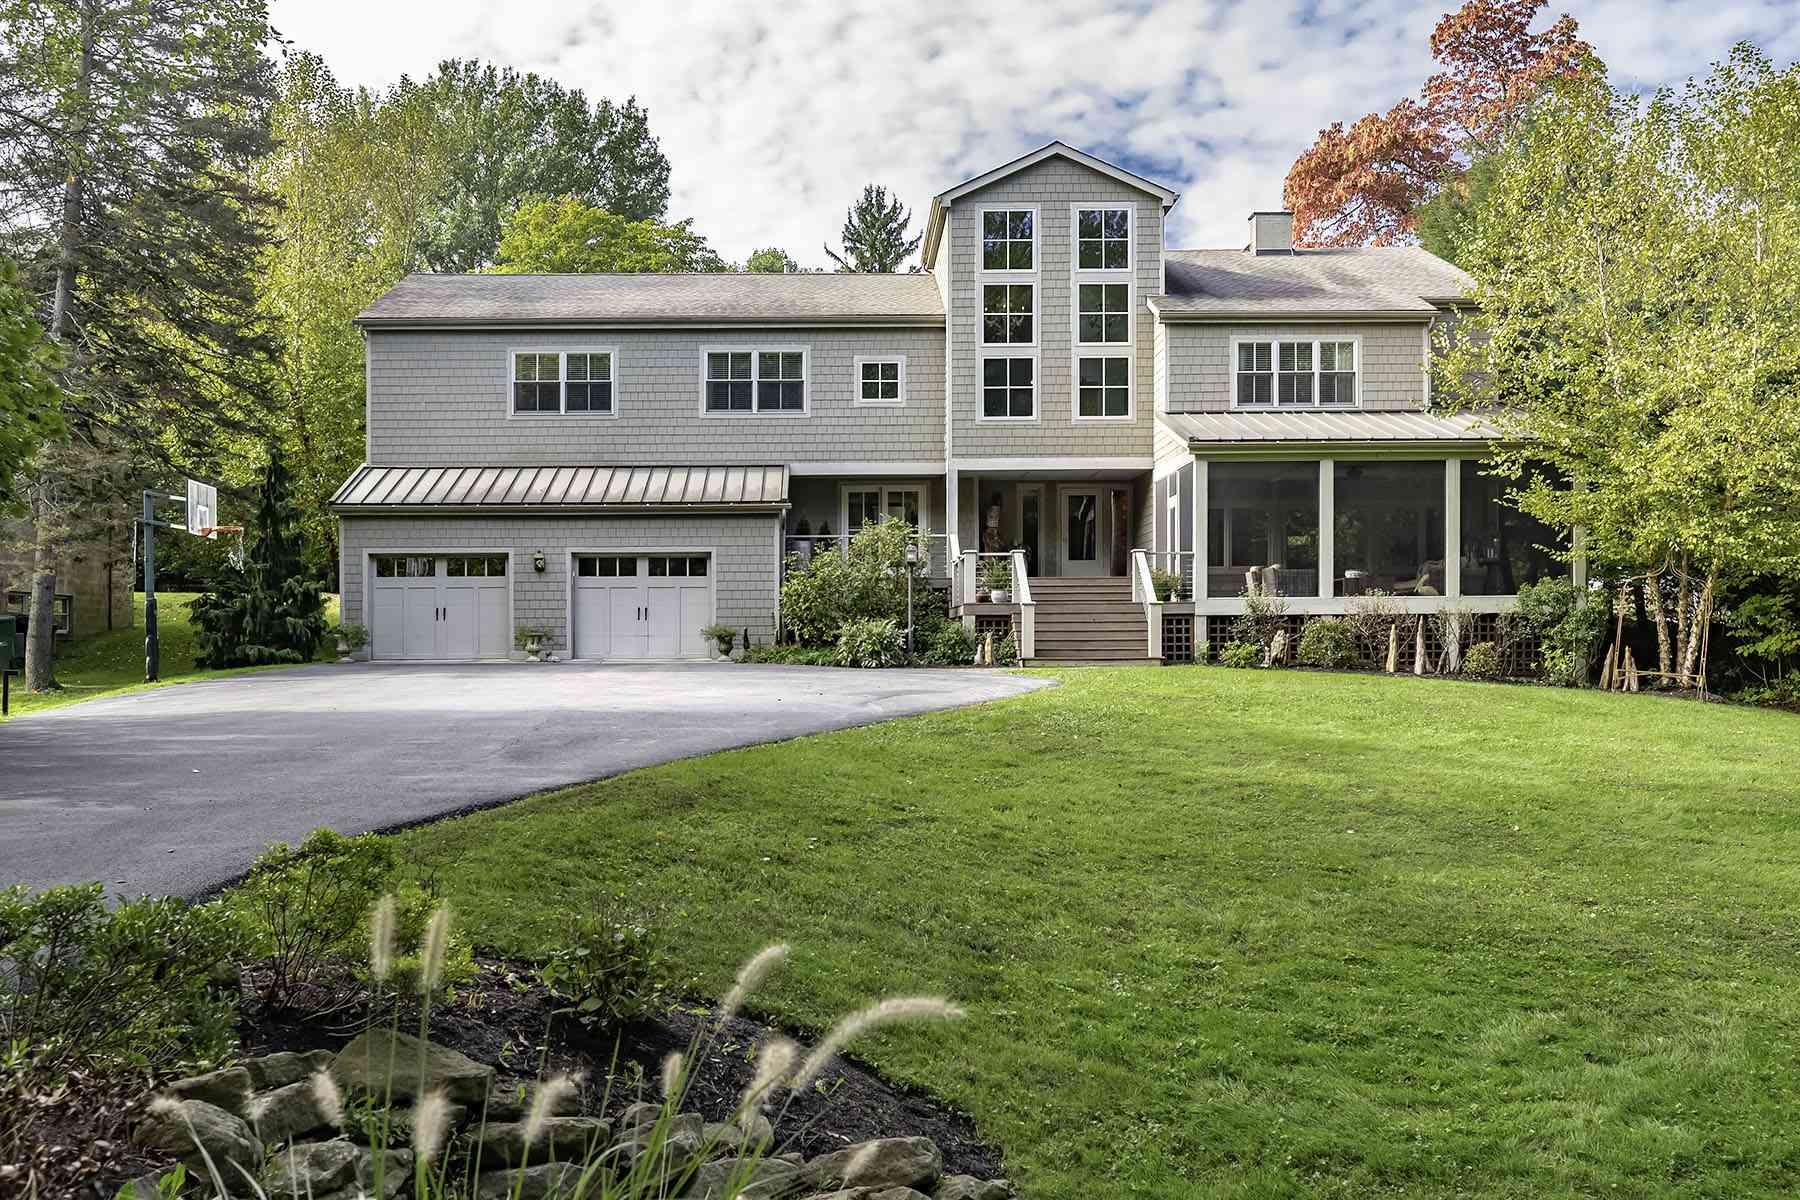 Casa contemporánea costera estilo Shingle en Sewickley, Pensilvania